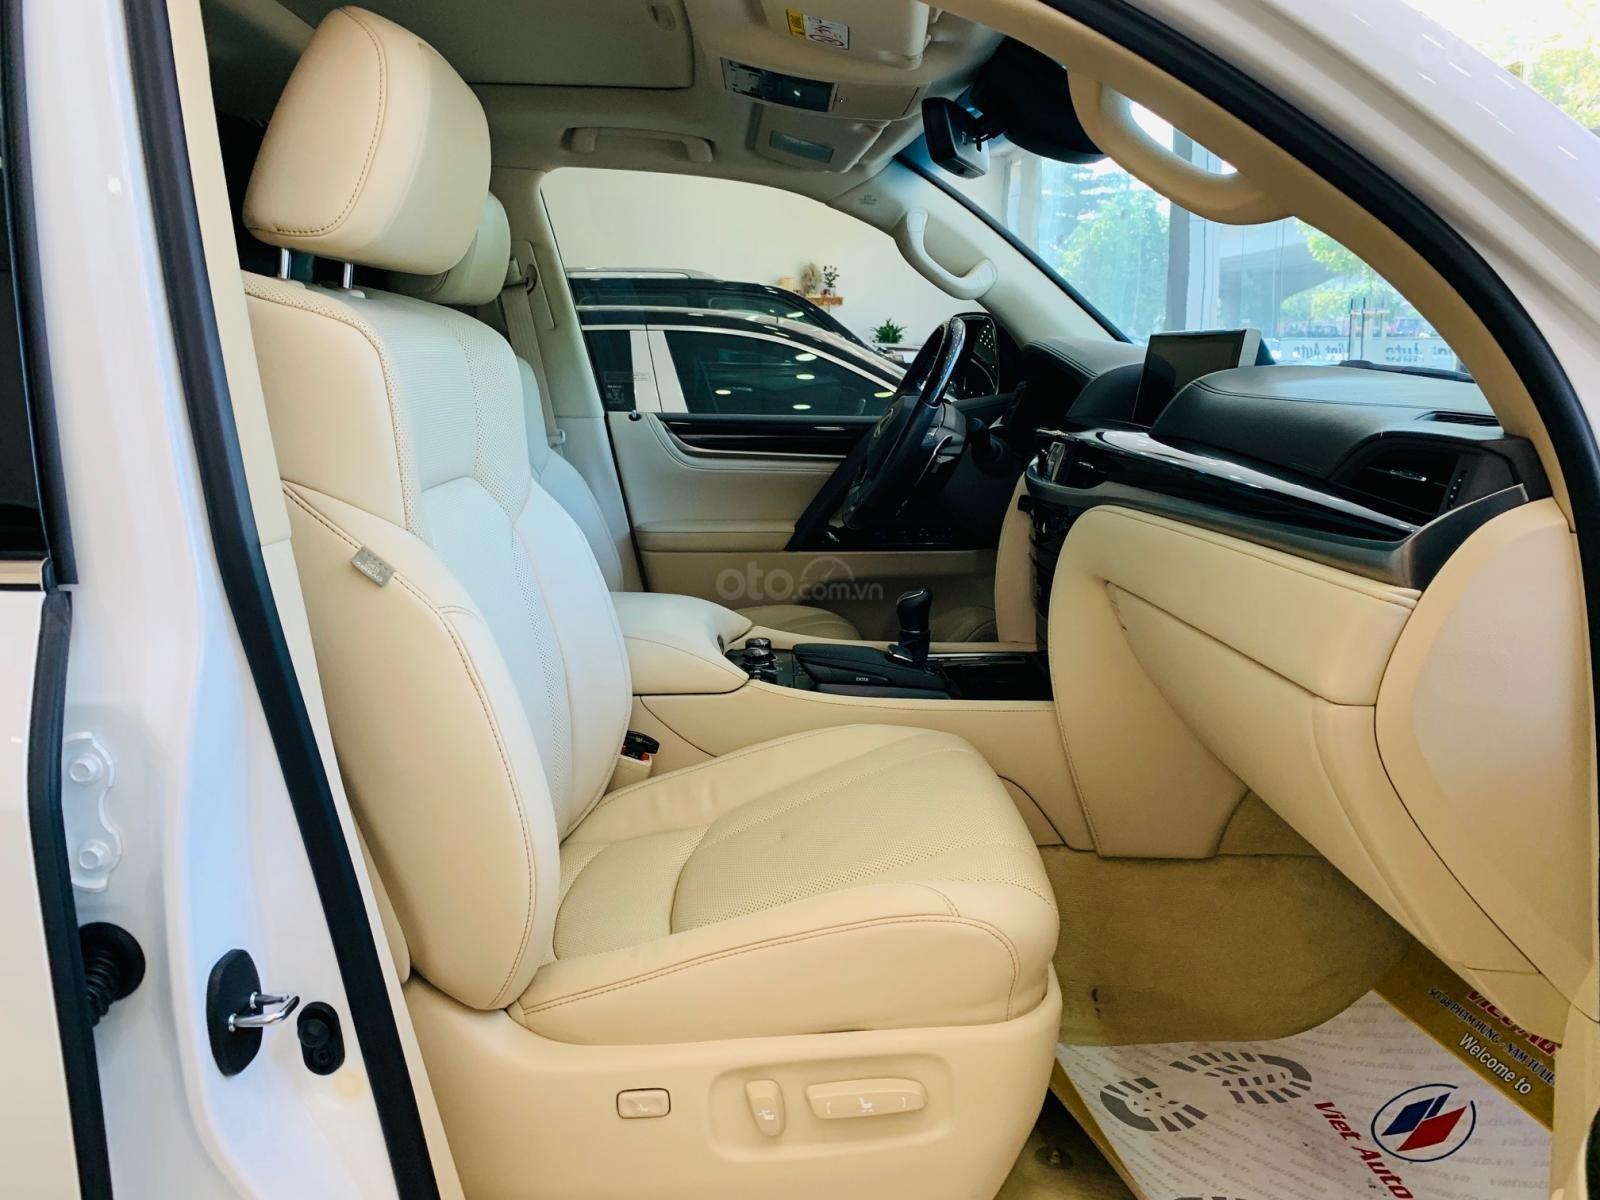 Bán ô tô Lexus LX super sport model 2017, đăng ký 2019 màu trắng, nhập khẩu, mới 99% (12)